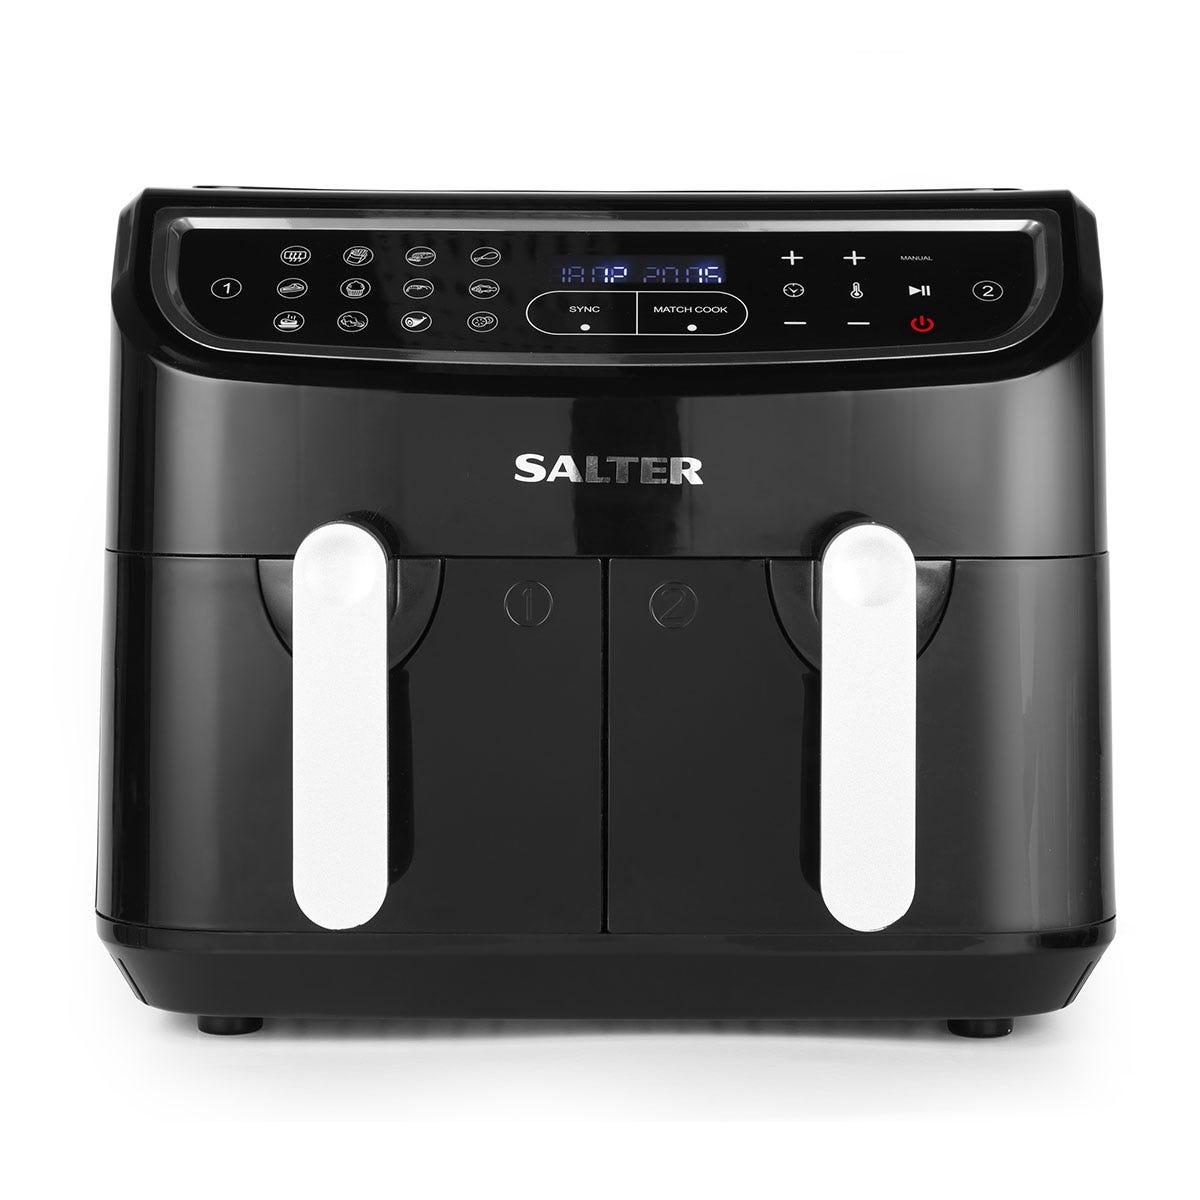 Salter EK4548 Dual Pro Air Fryer - Black